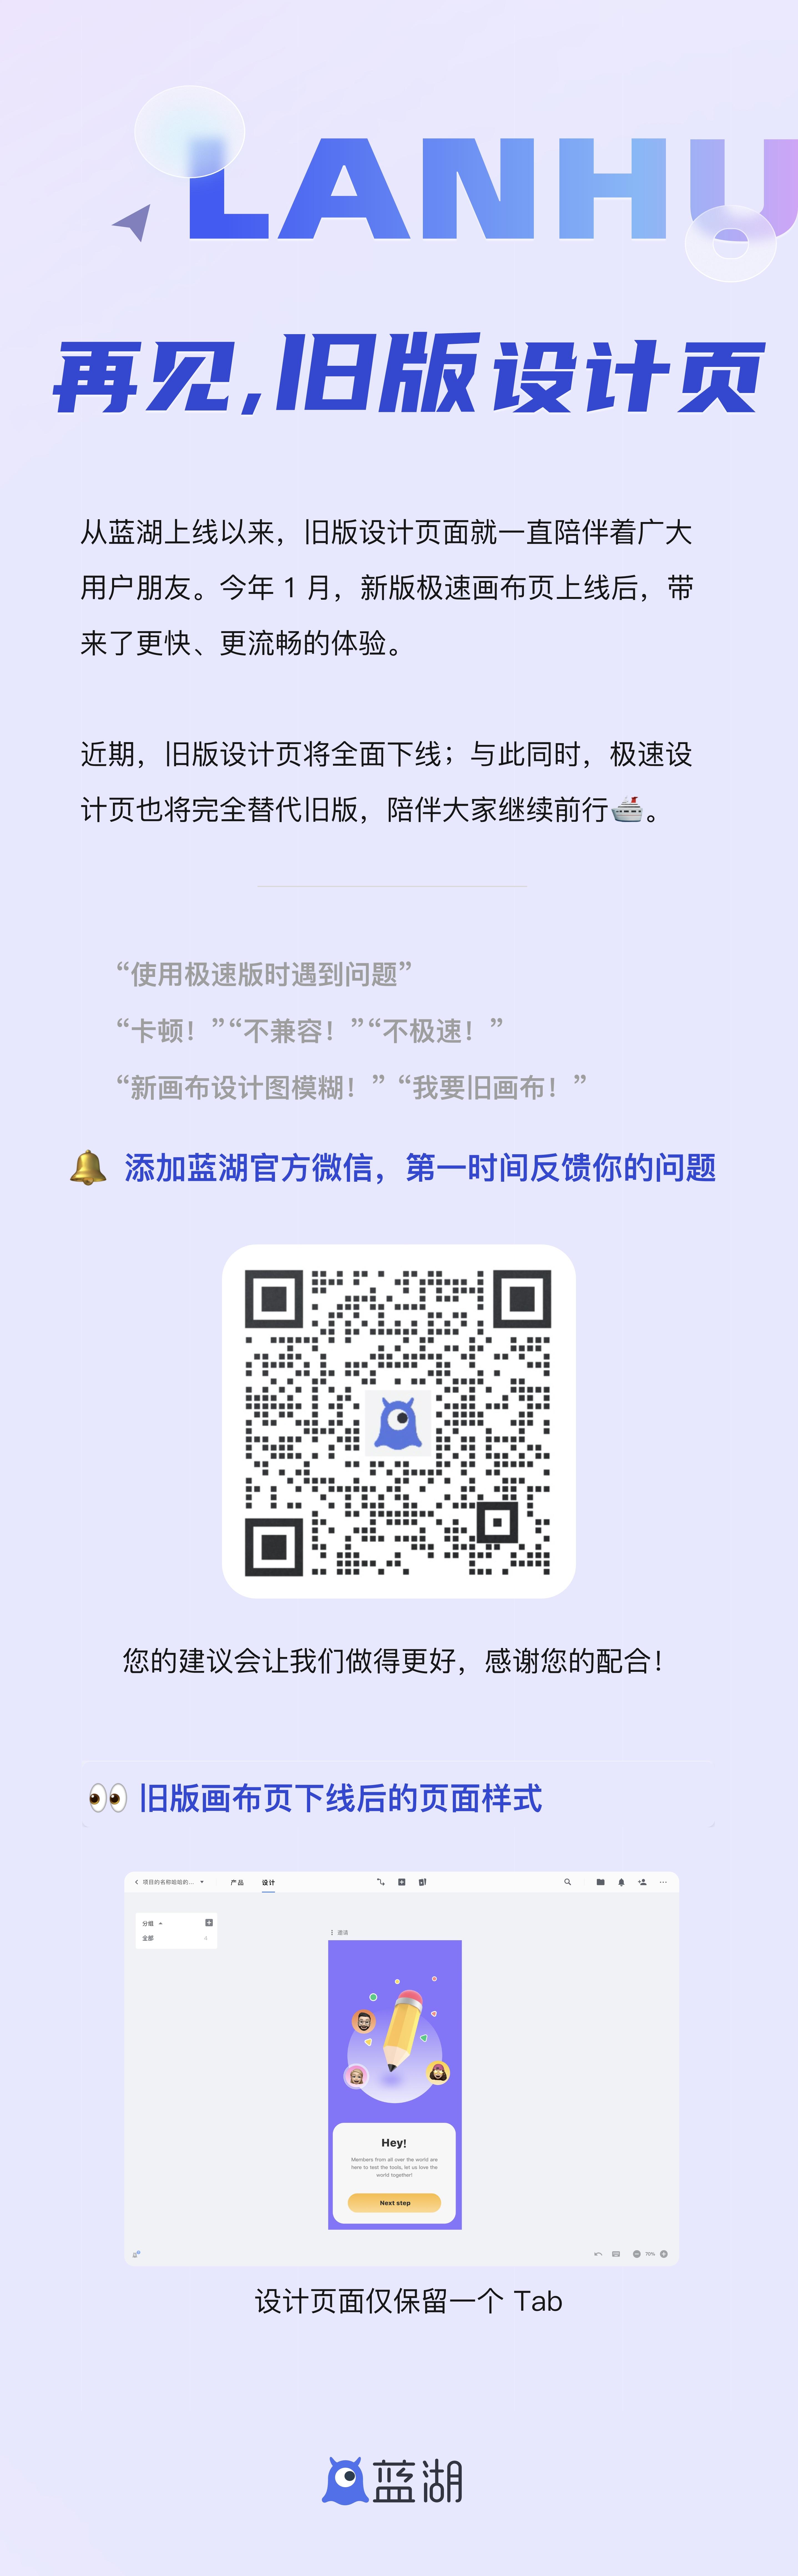 00160f9140417f23b9ac960760b089d